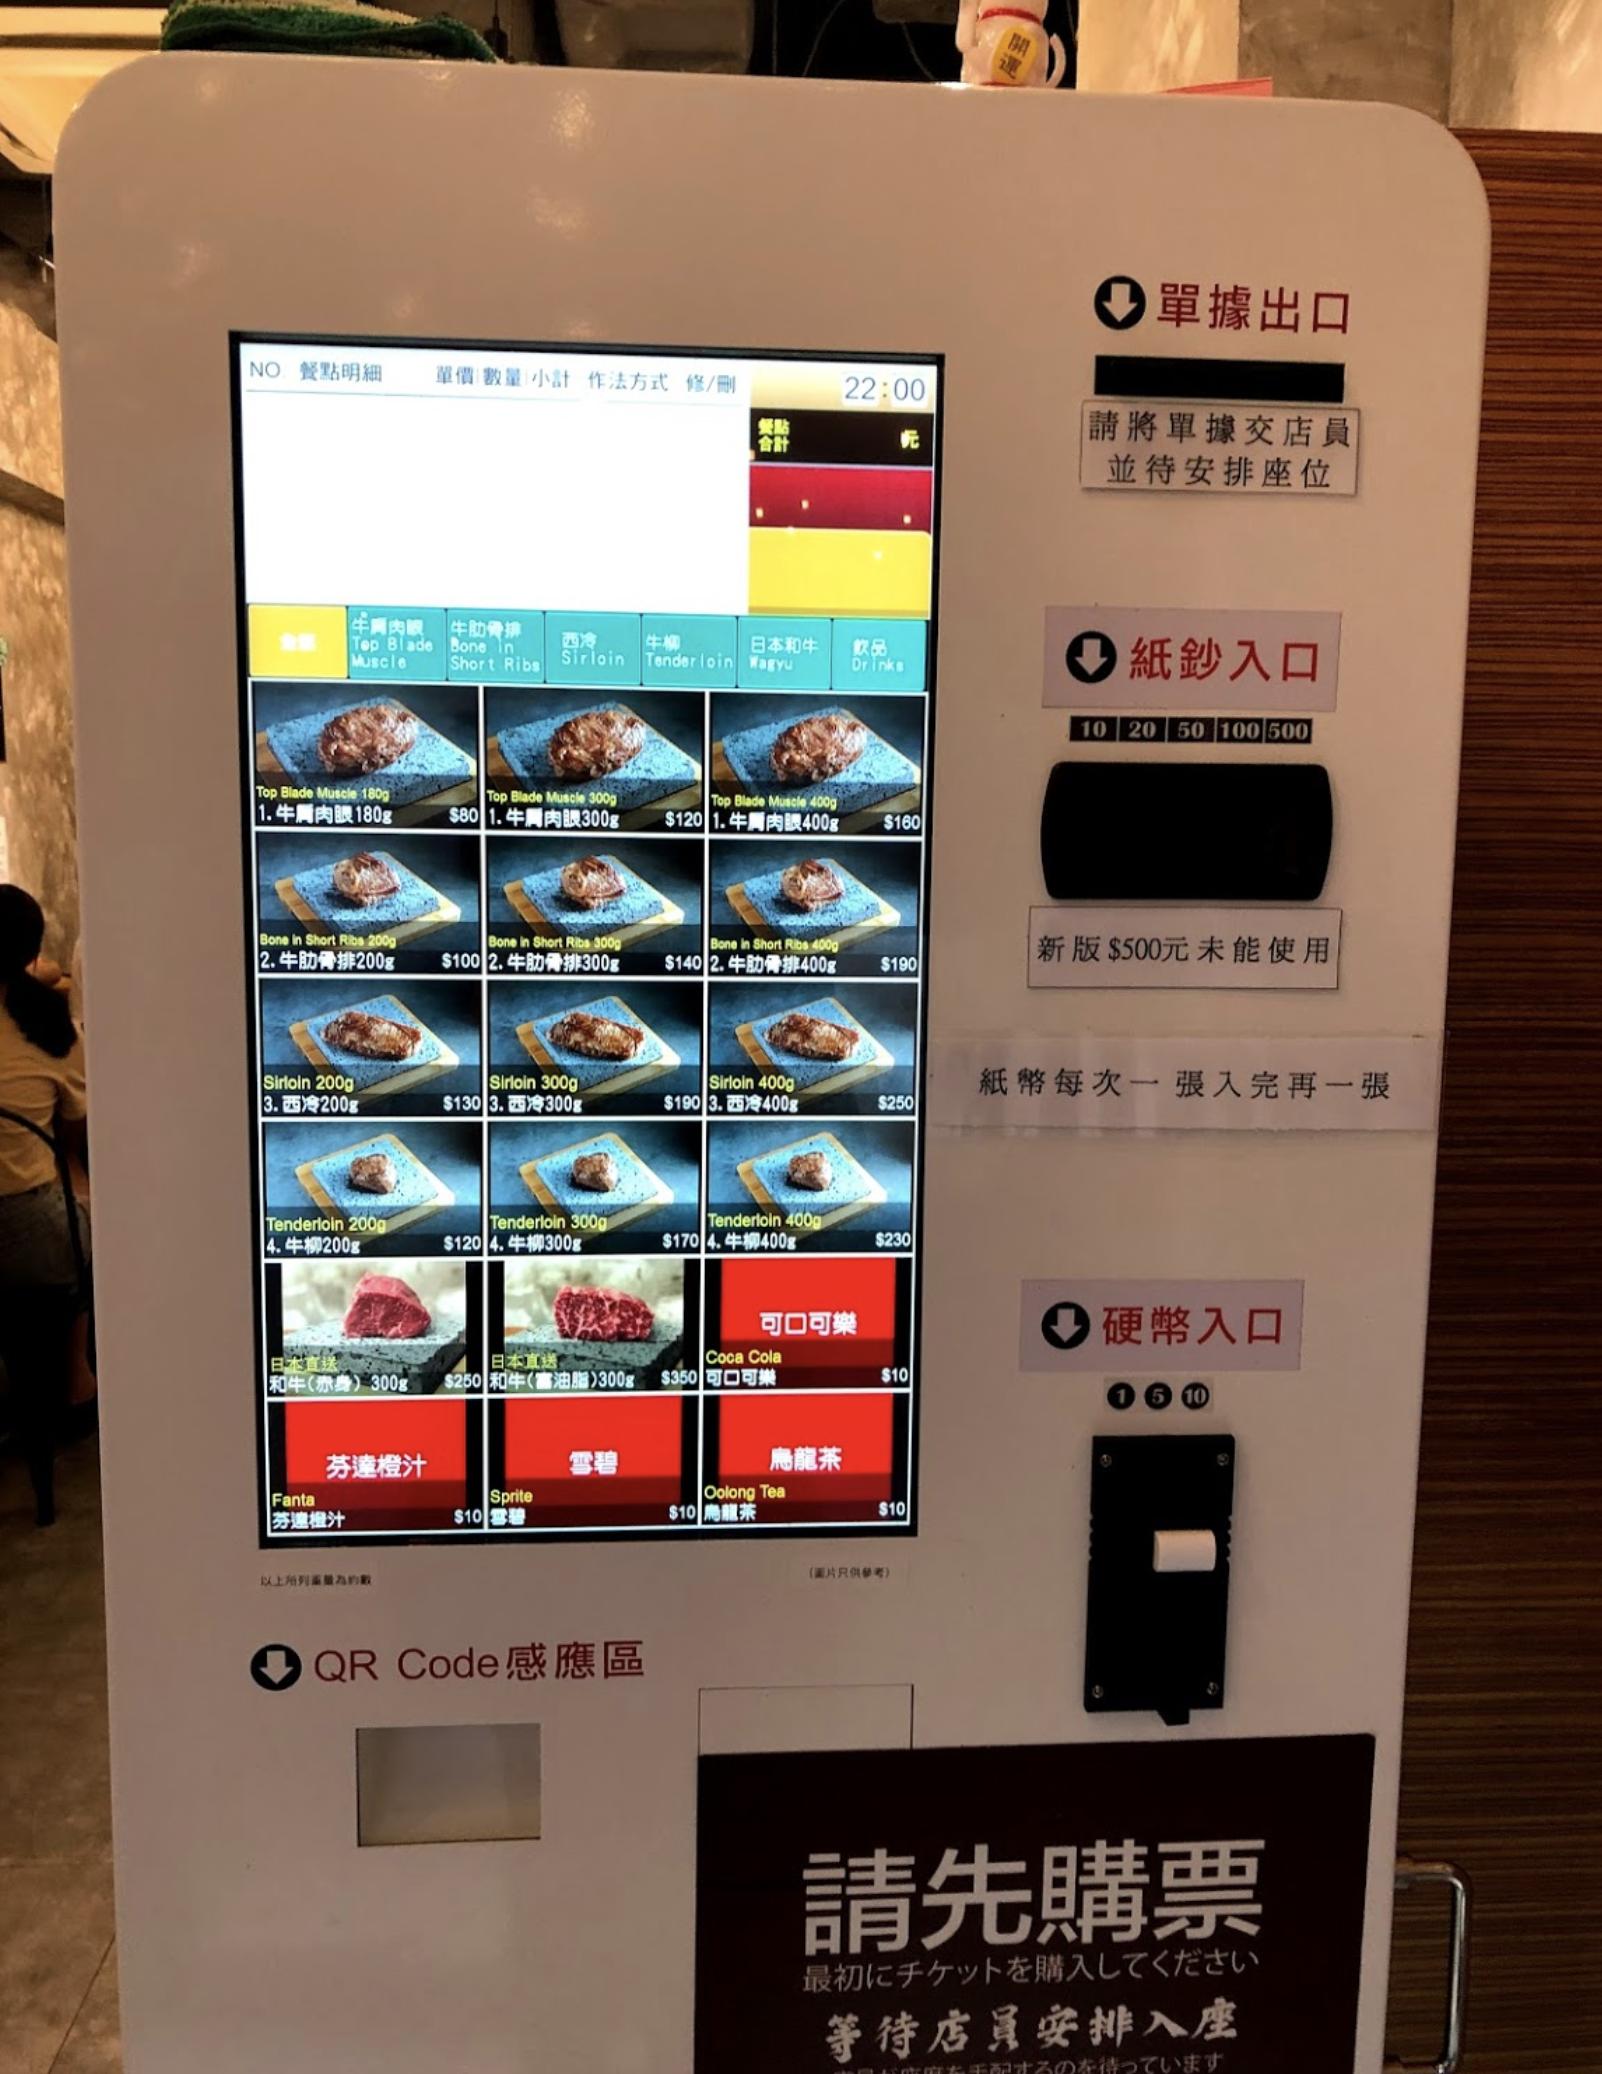 旺角燒肉/牛極/一入到去有部自動售賣機,好清楚整齊放好晒食物既價錢同圖片,好方便。